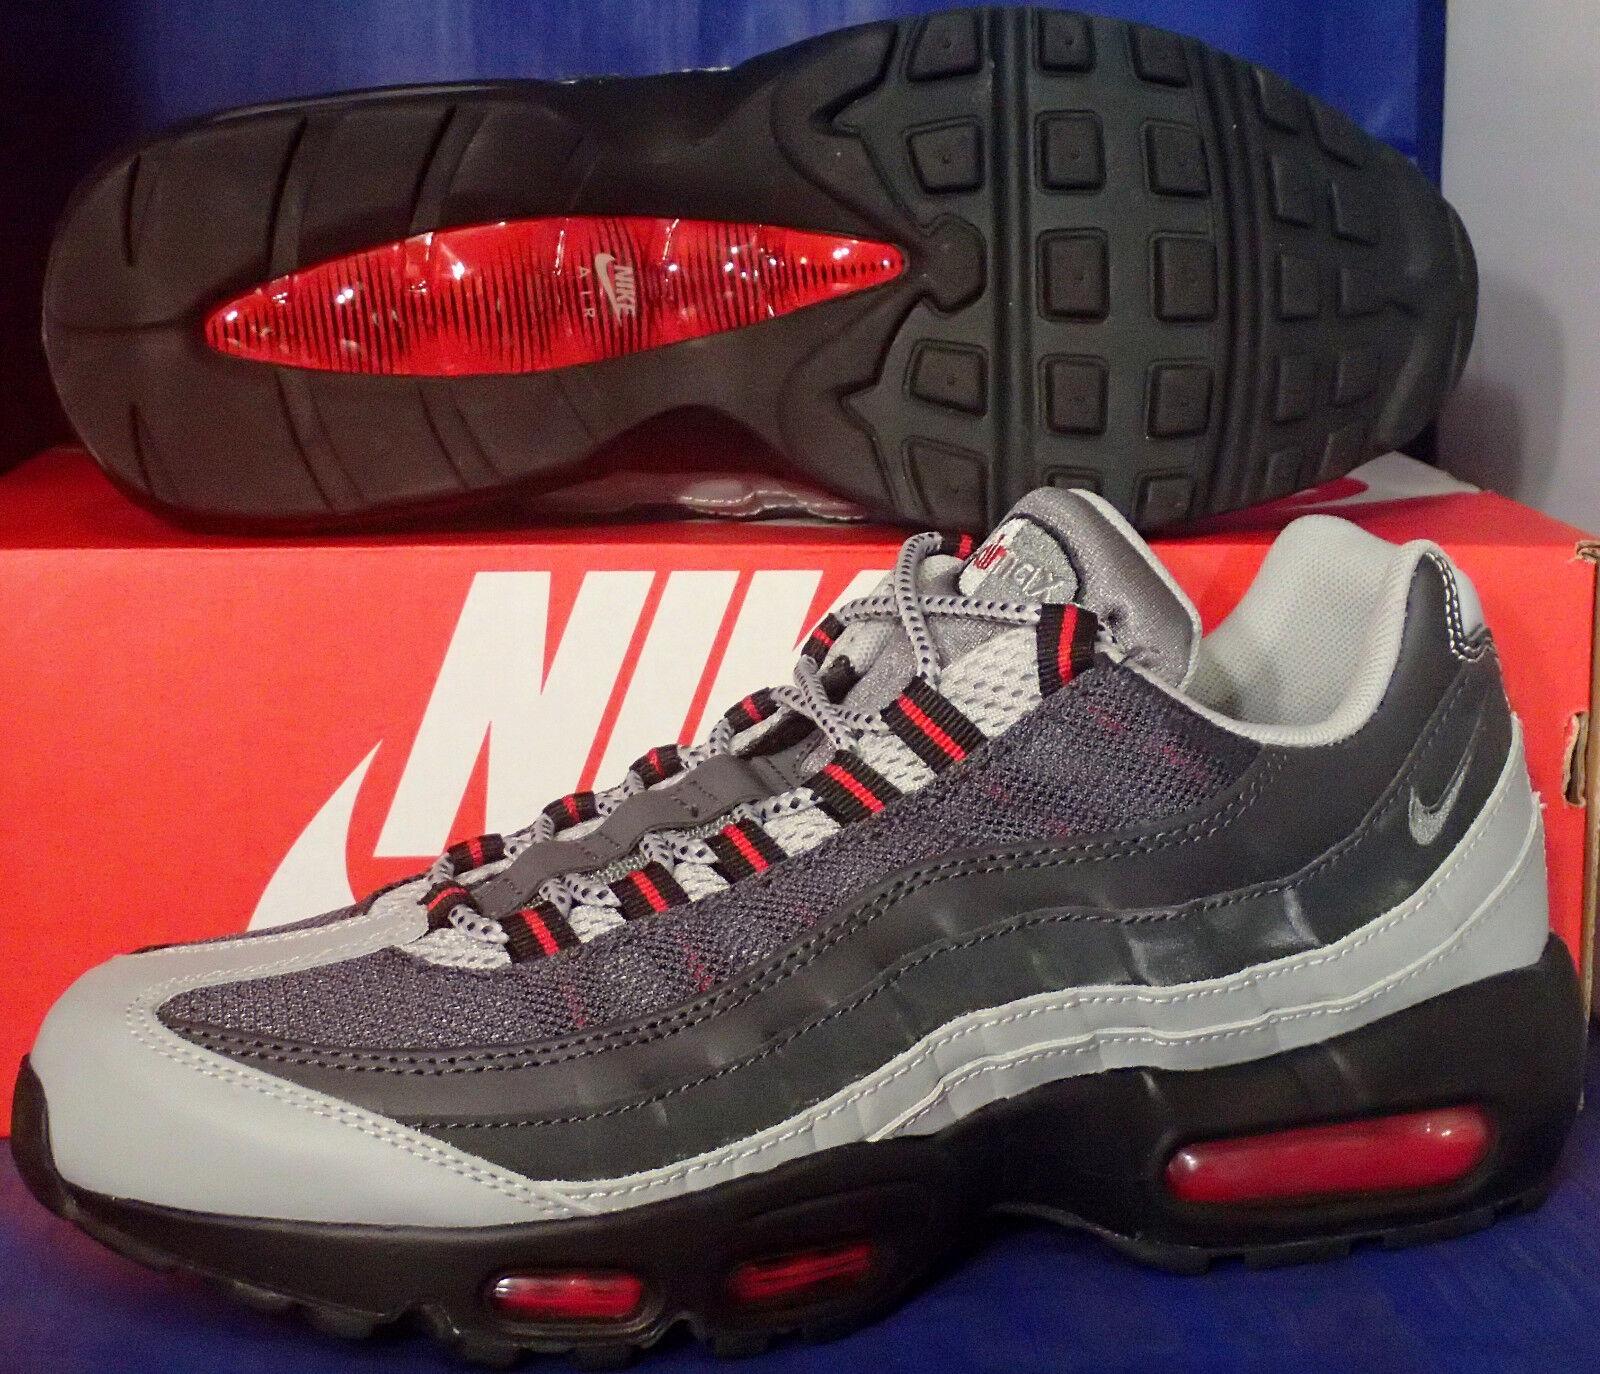 Nike Air Max 95 Essential argento  Cool grigio University rosso SZ 9 (749766 -006)  prezzi più convenienti